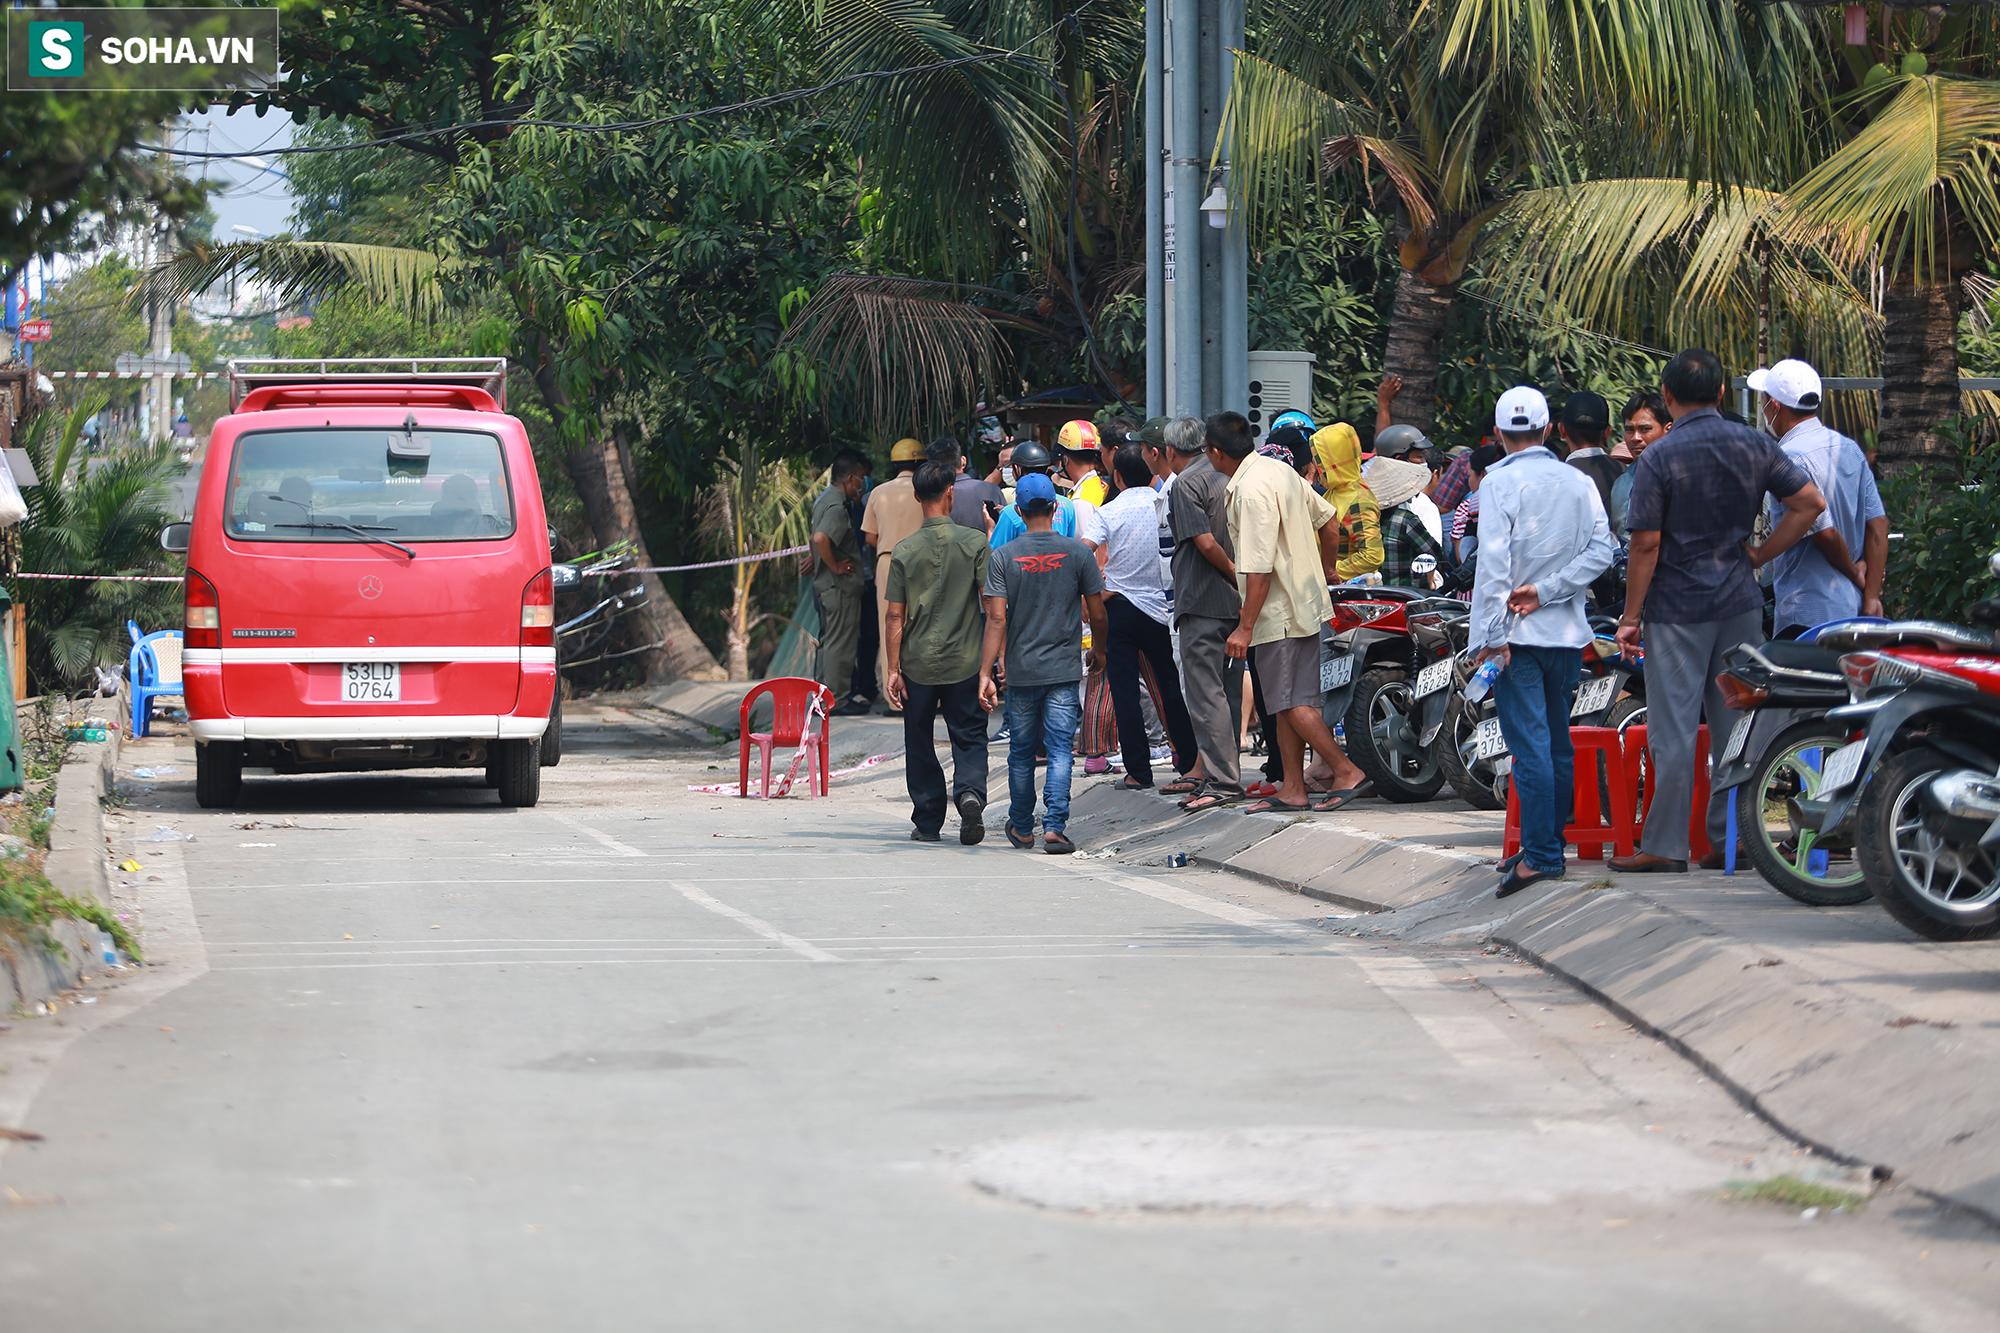 Xót xa hình ảnh còn lại sau đám cháy khiến 6 người trong một gia đình tử vong ở TP.Thủ Đức - Ảnh 7.